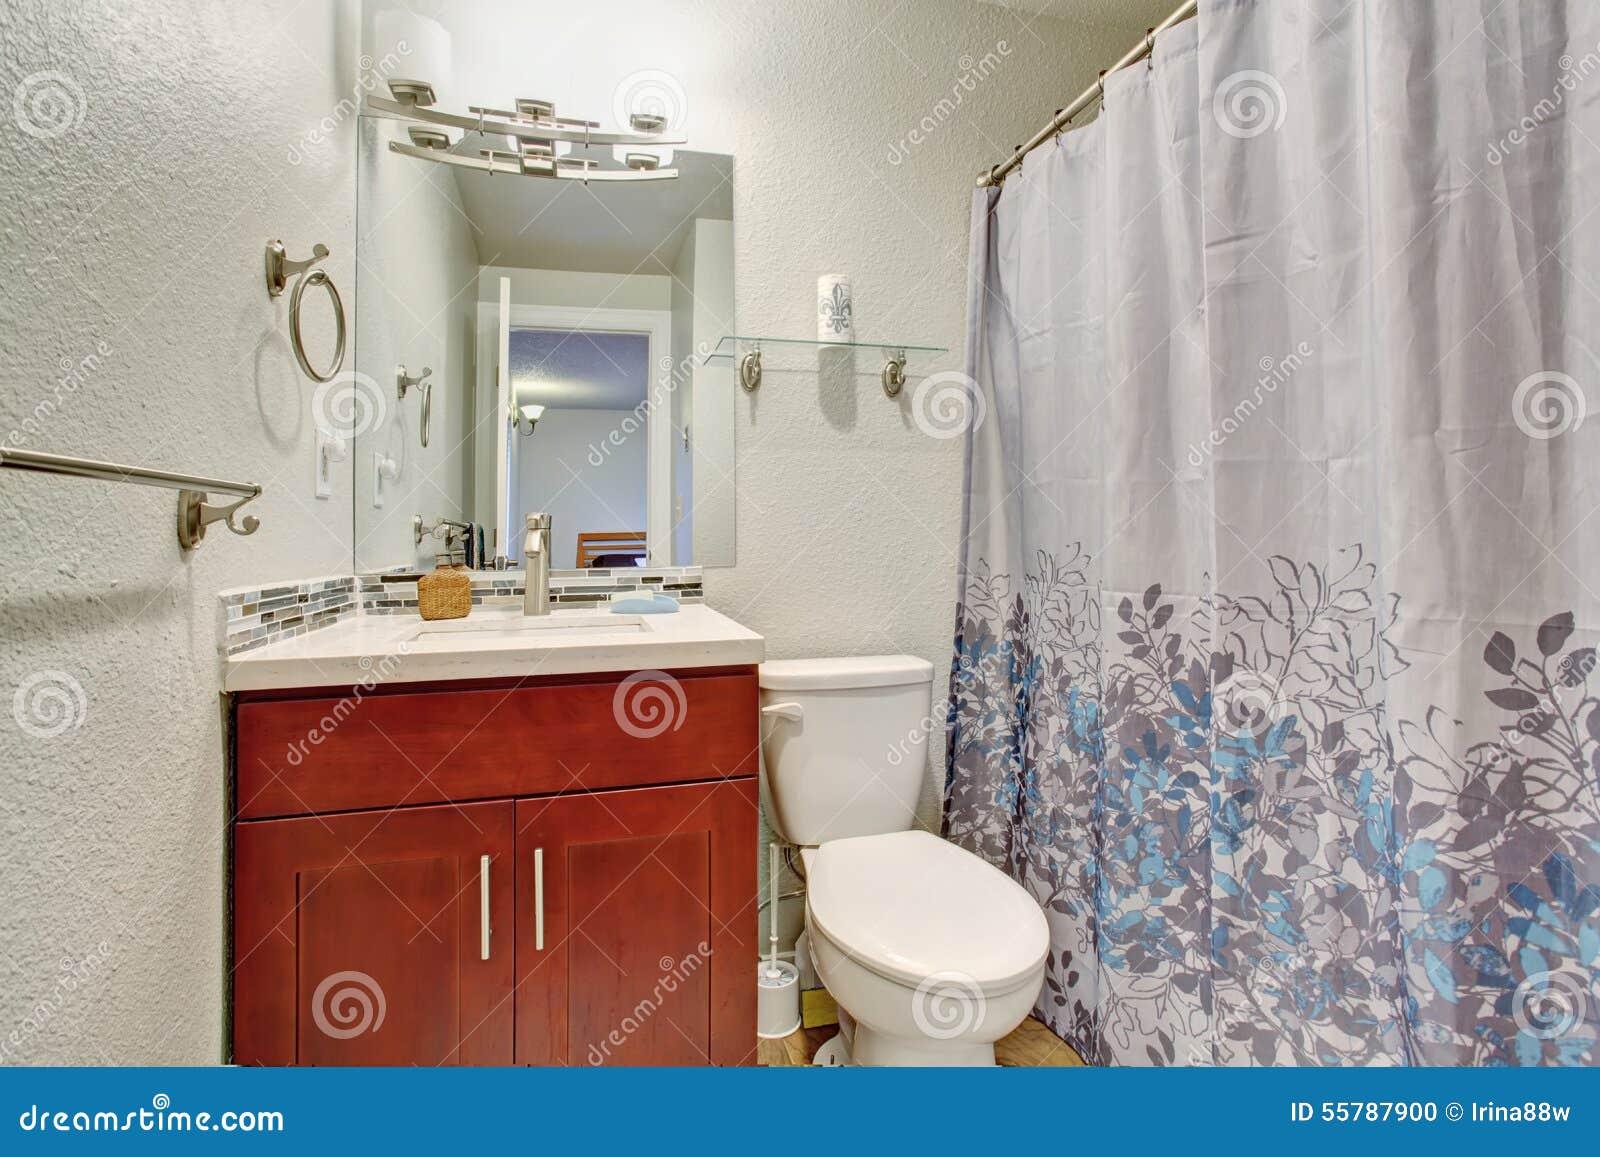 petite salle de bains avec la pleine douche de bain photo stock image 55787900. Black Bedroom Furniture Sets. Home Design Ideas